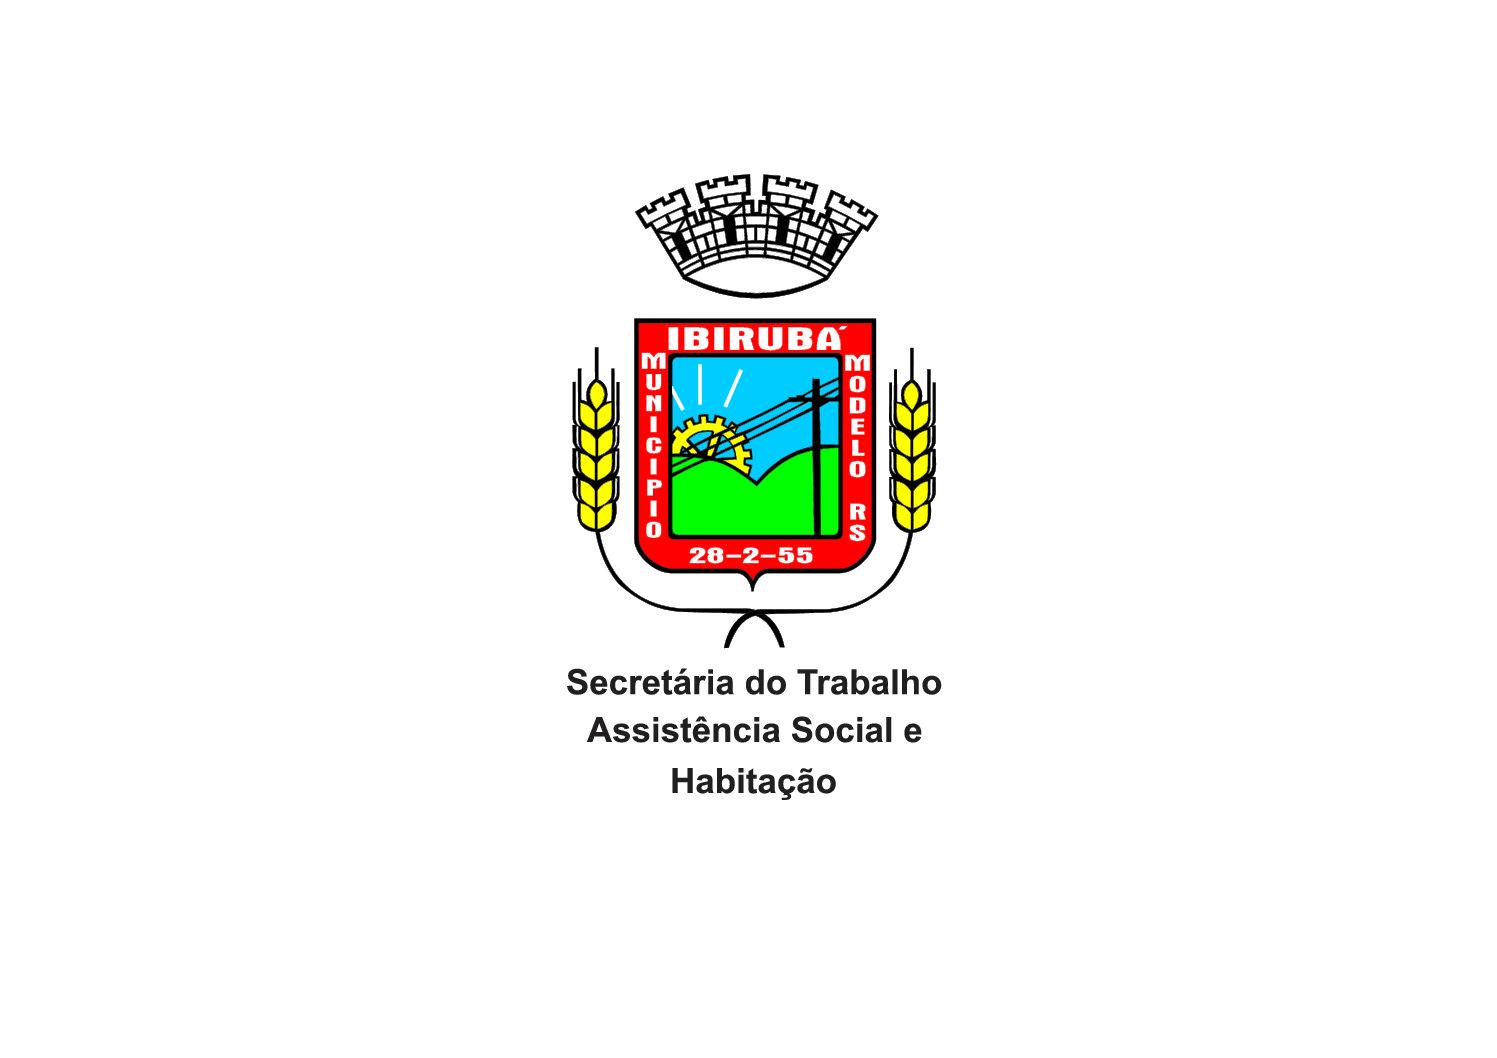 Polos com bordado ponto a ponto para Secretária do Trabalho Assistência Social e Habitação, da Prefeitura de Ibirubá/RS.